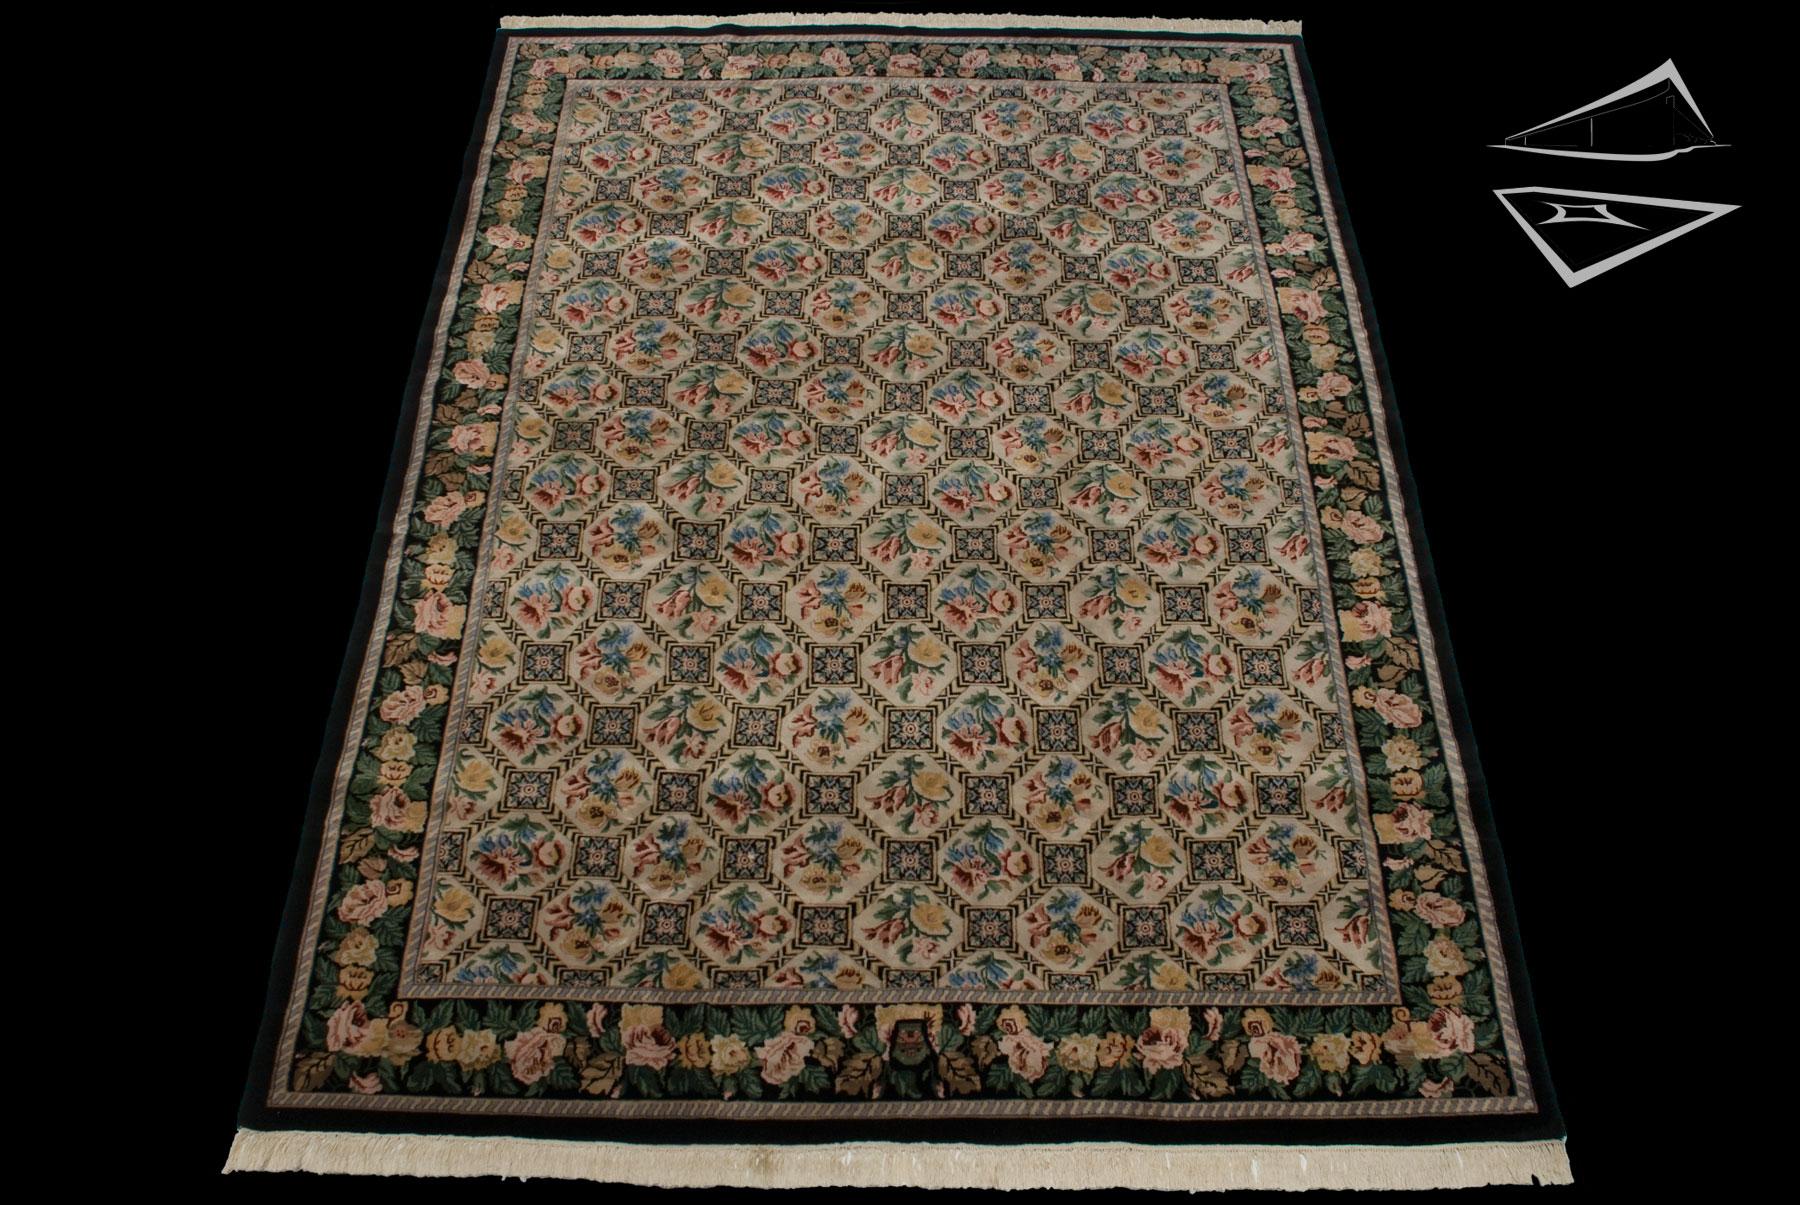 trellis design square rug 10 39 x 12 39. Black Bedroom Furniture Sets. Home Design Ideas